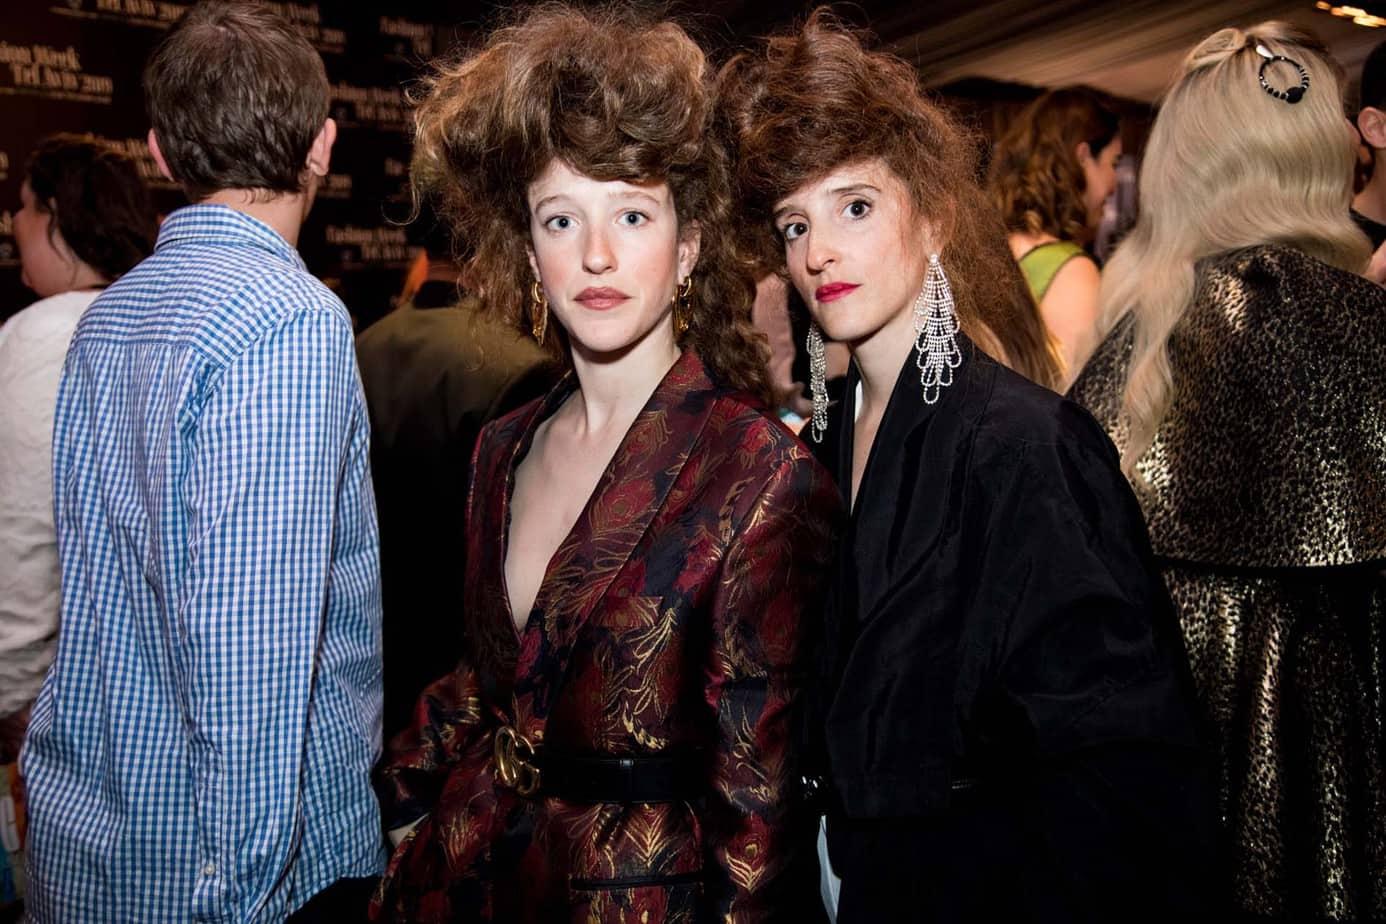 אהבנו. גדעון אוברזון. שבוע האופנה תל אביב 2019. צילום: אלכס פרגמנט